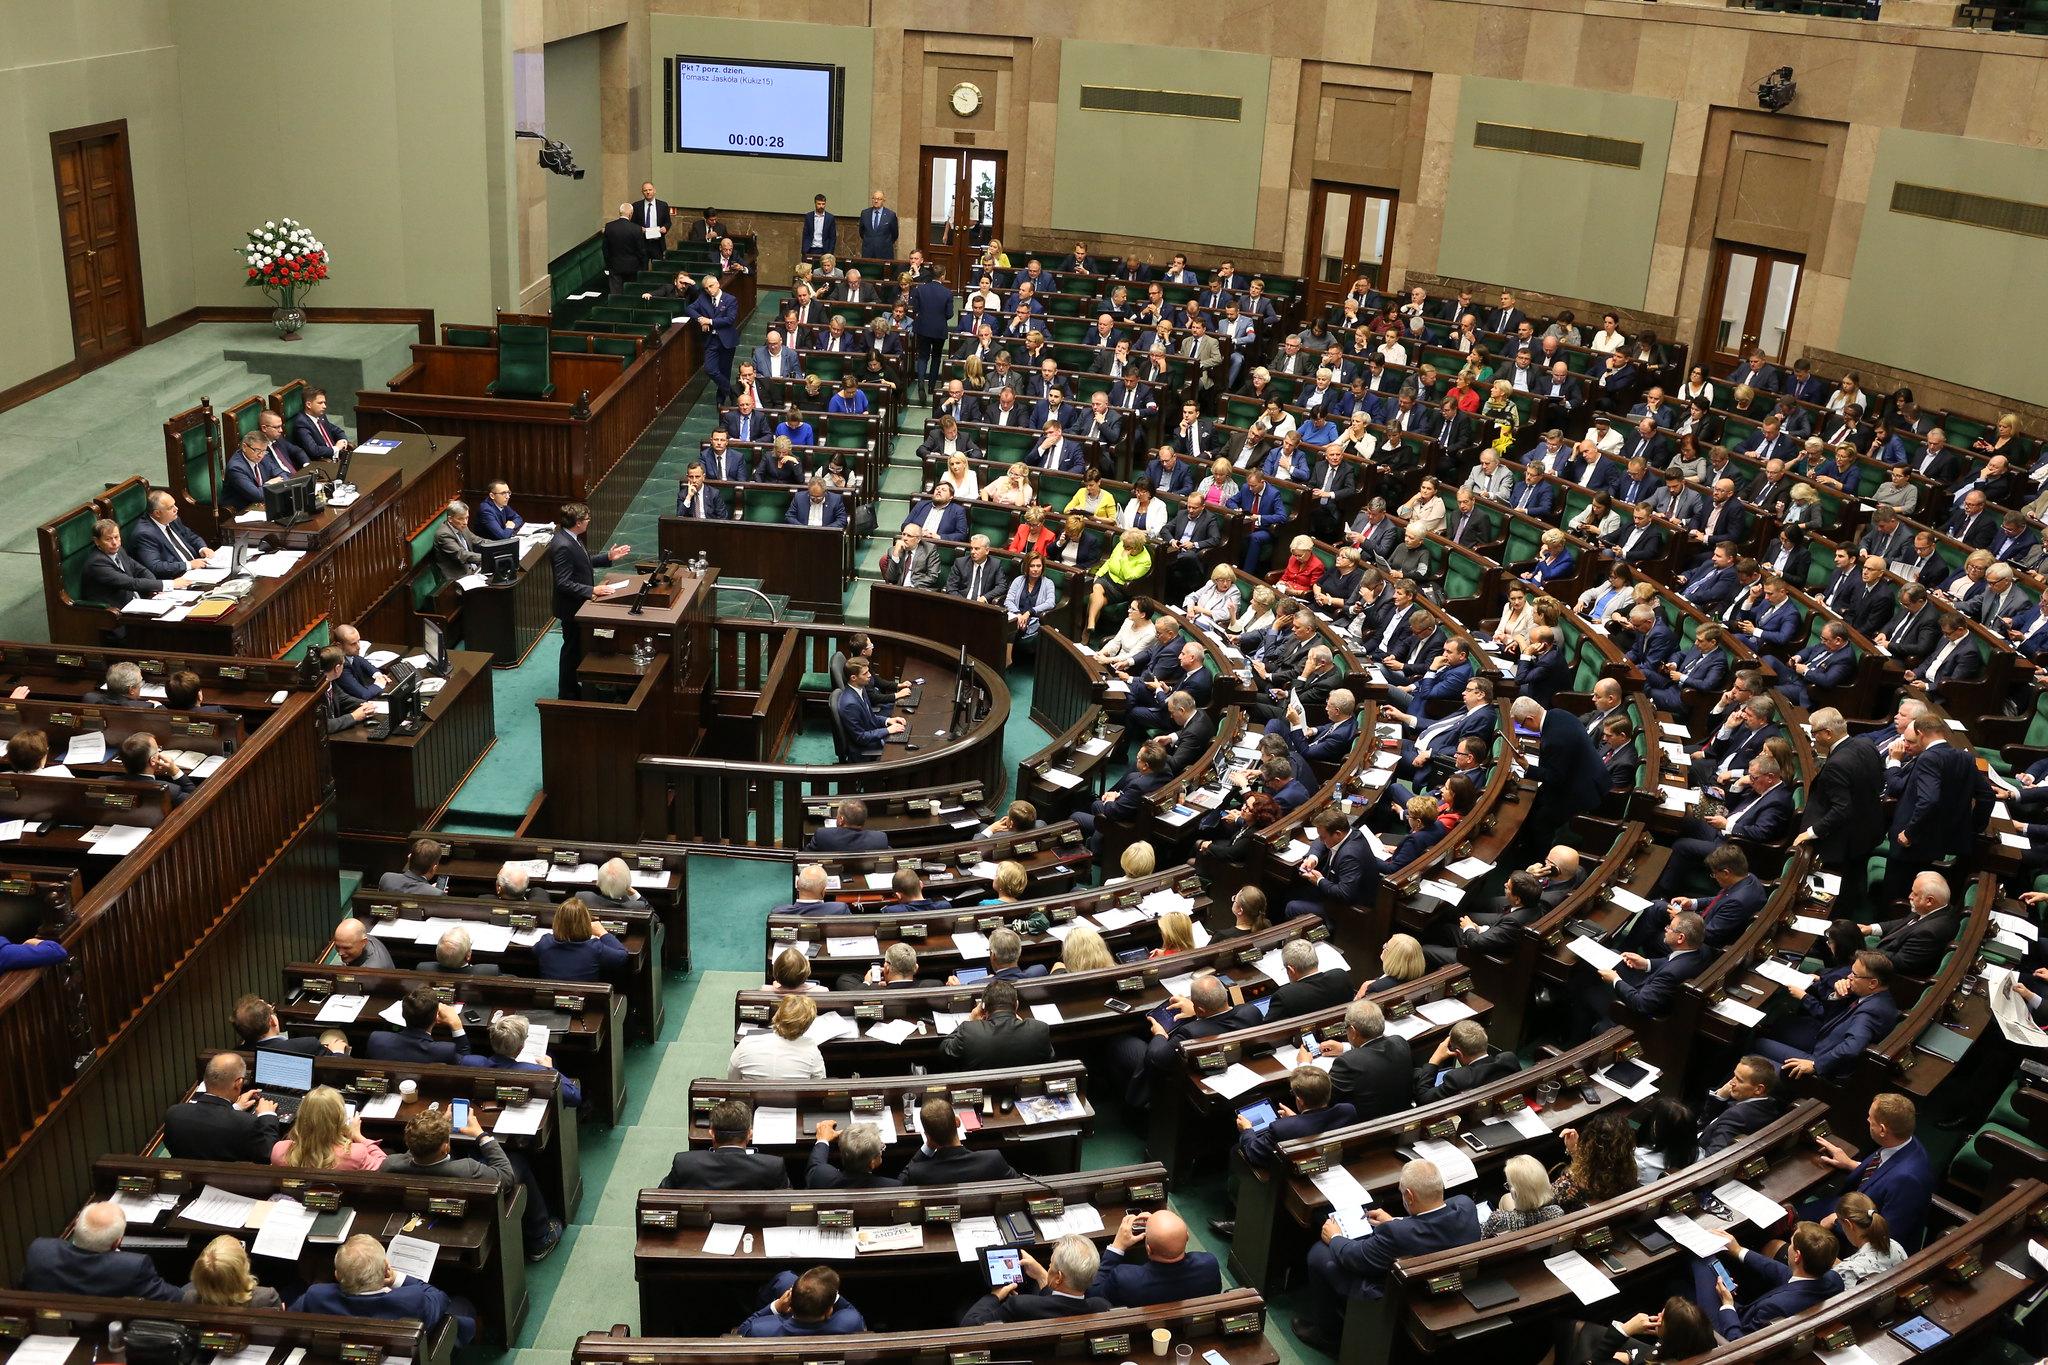 Fot. Kancelaria Sejmu/Krzysztof Białoskórski, CC BY 2.0